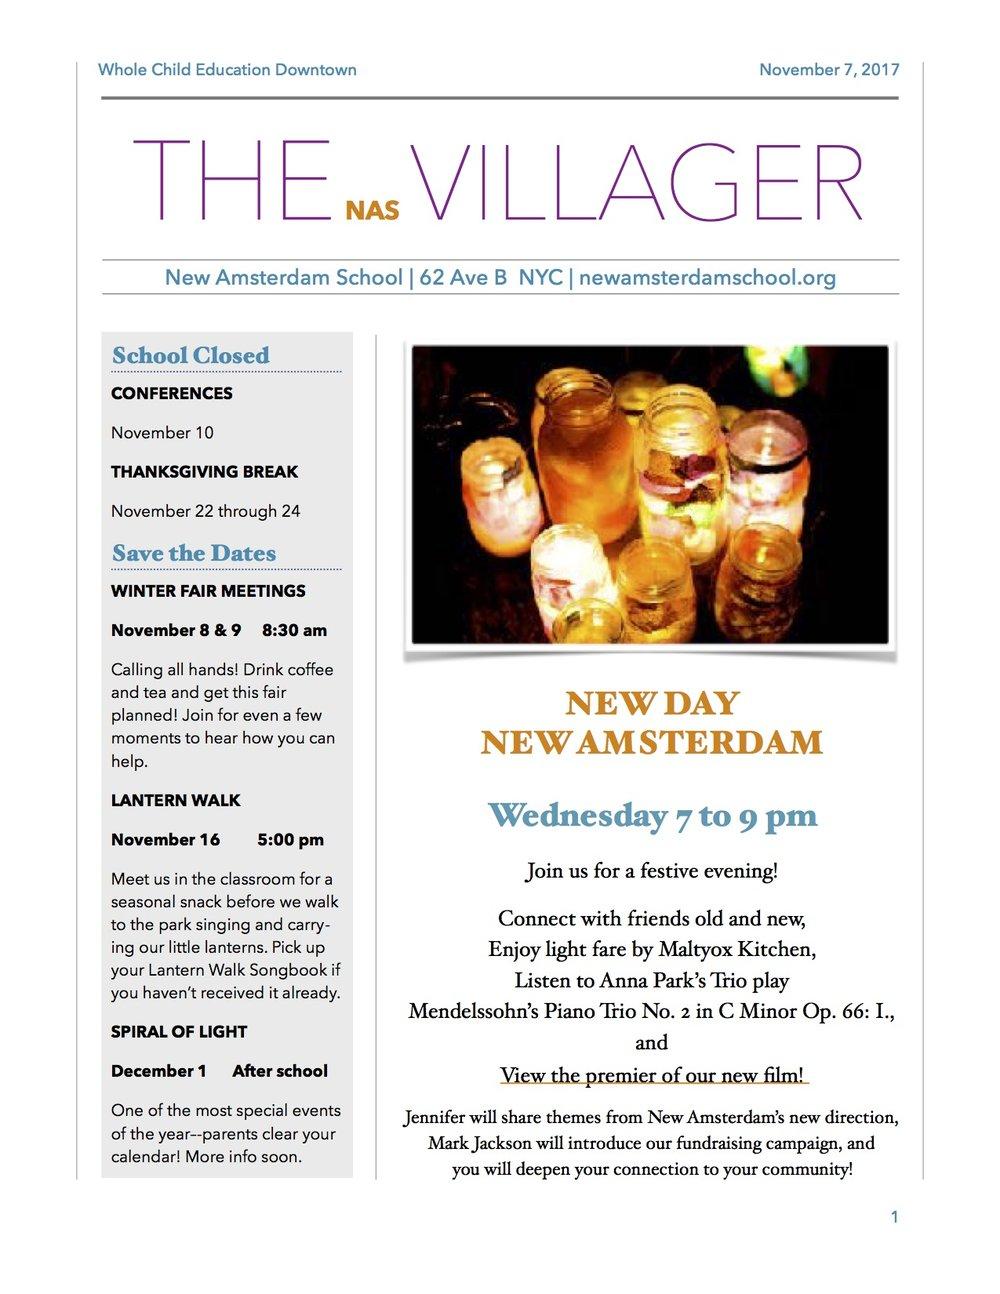 villager-11_7_17.jpg